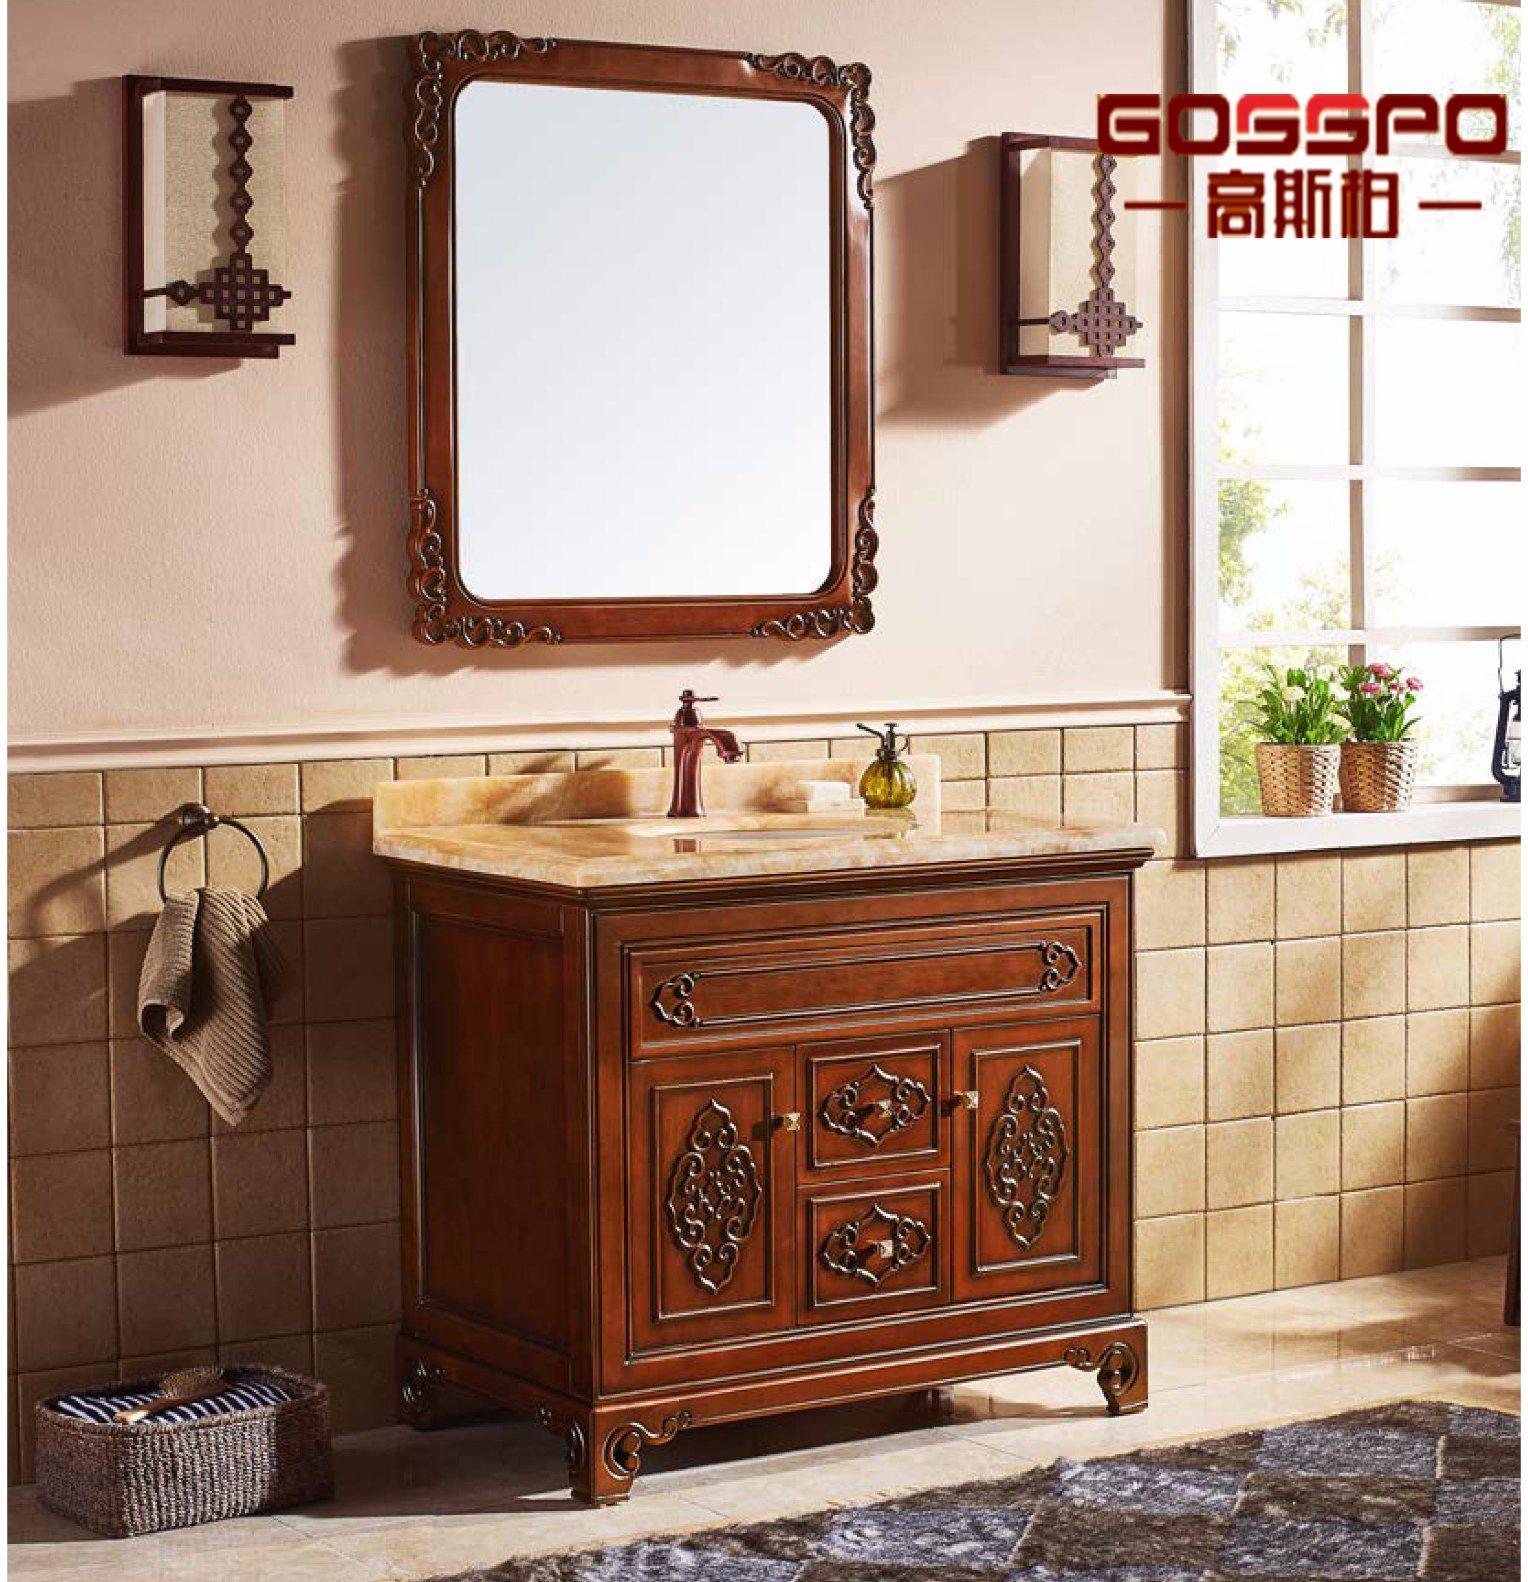 Armoire de salle de bain en bois autoportante rouge marron avec miroir  (GSP9-002)